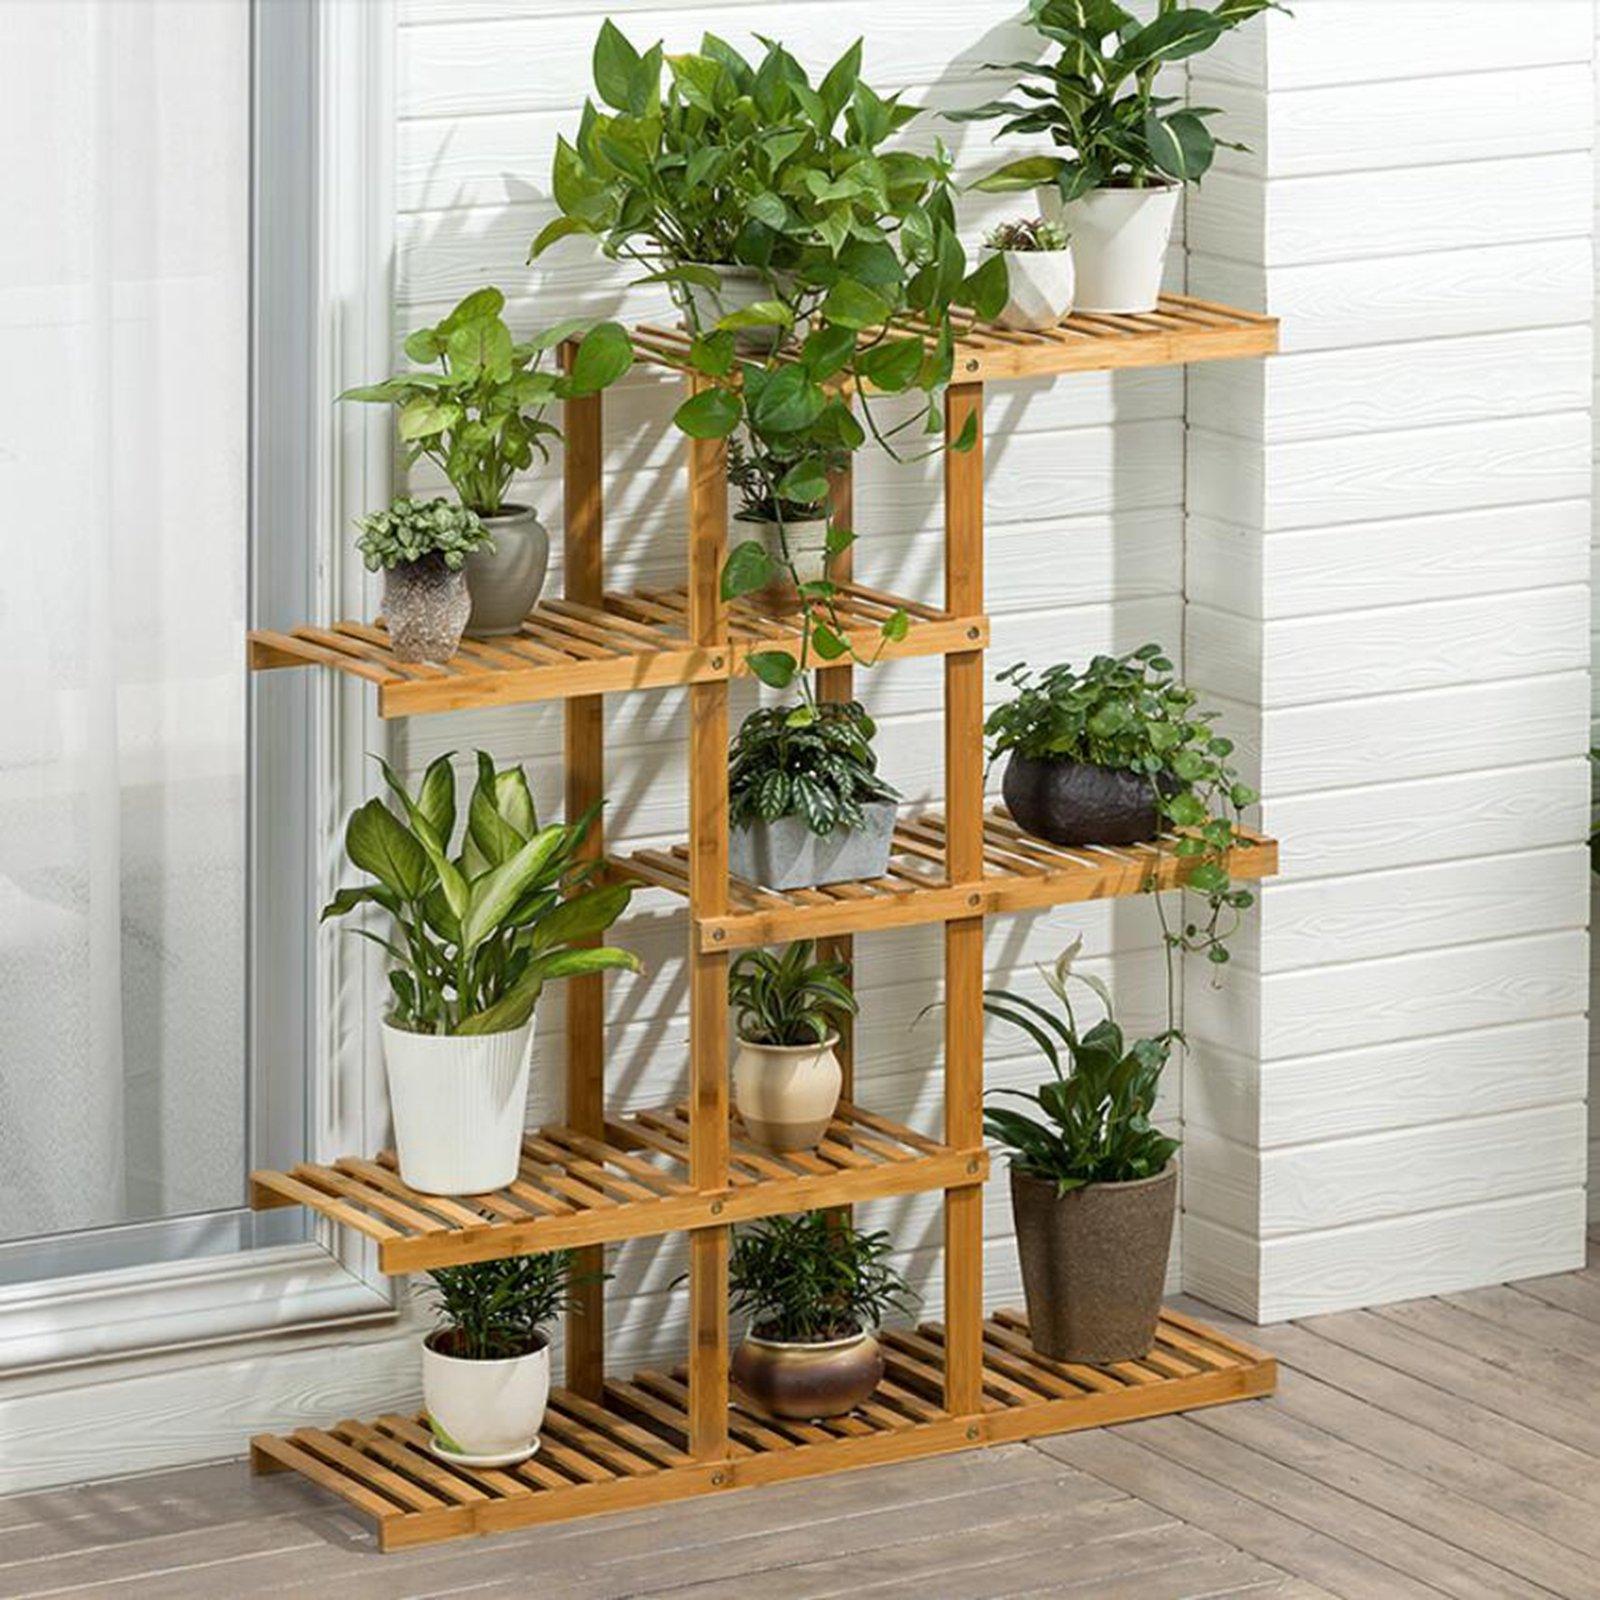 Magshion Wooden Flower Stands Plant Display Rack Choose 3 4 5 6 Shelf (5 Shelf)